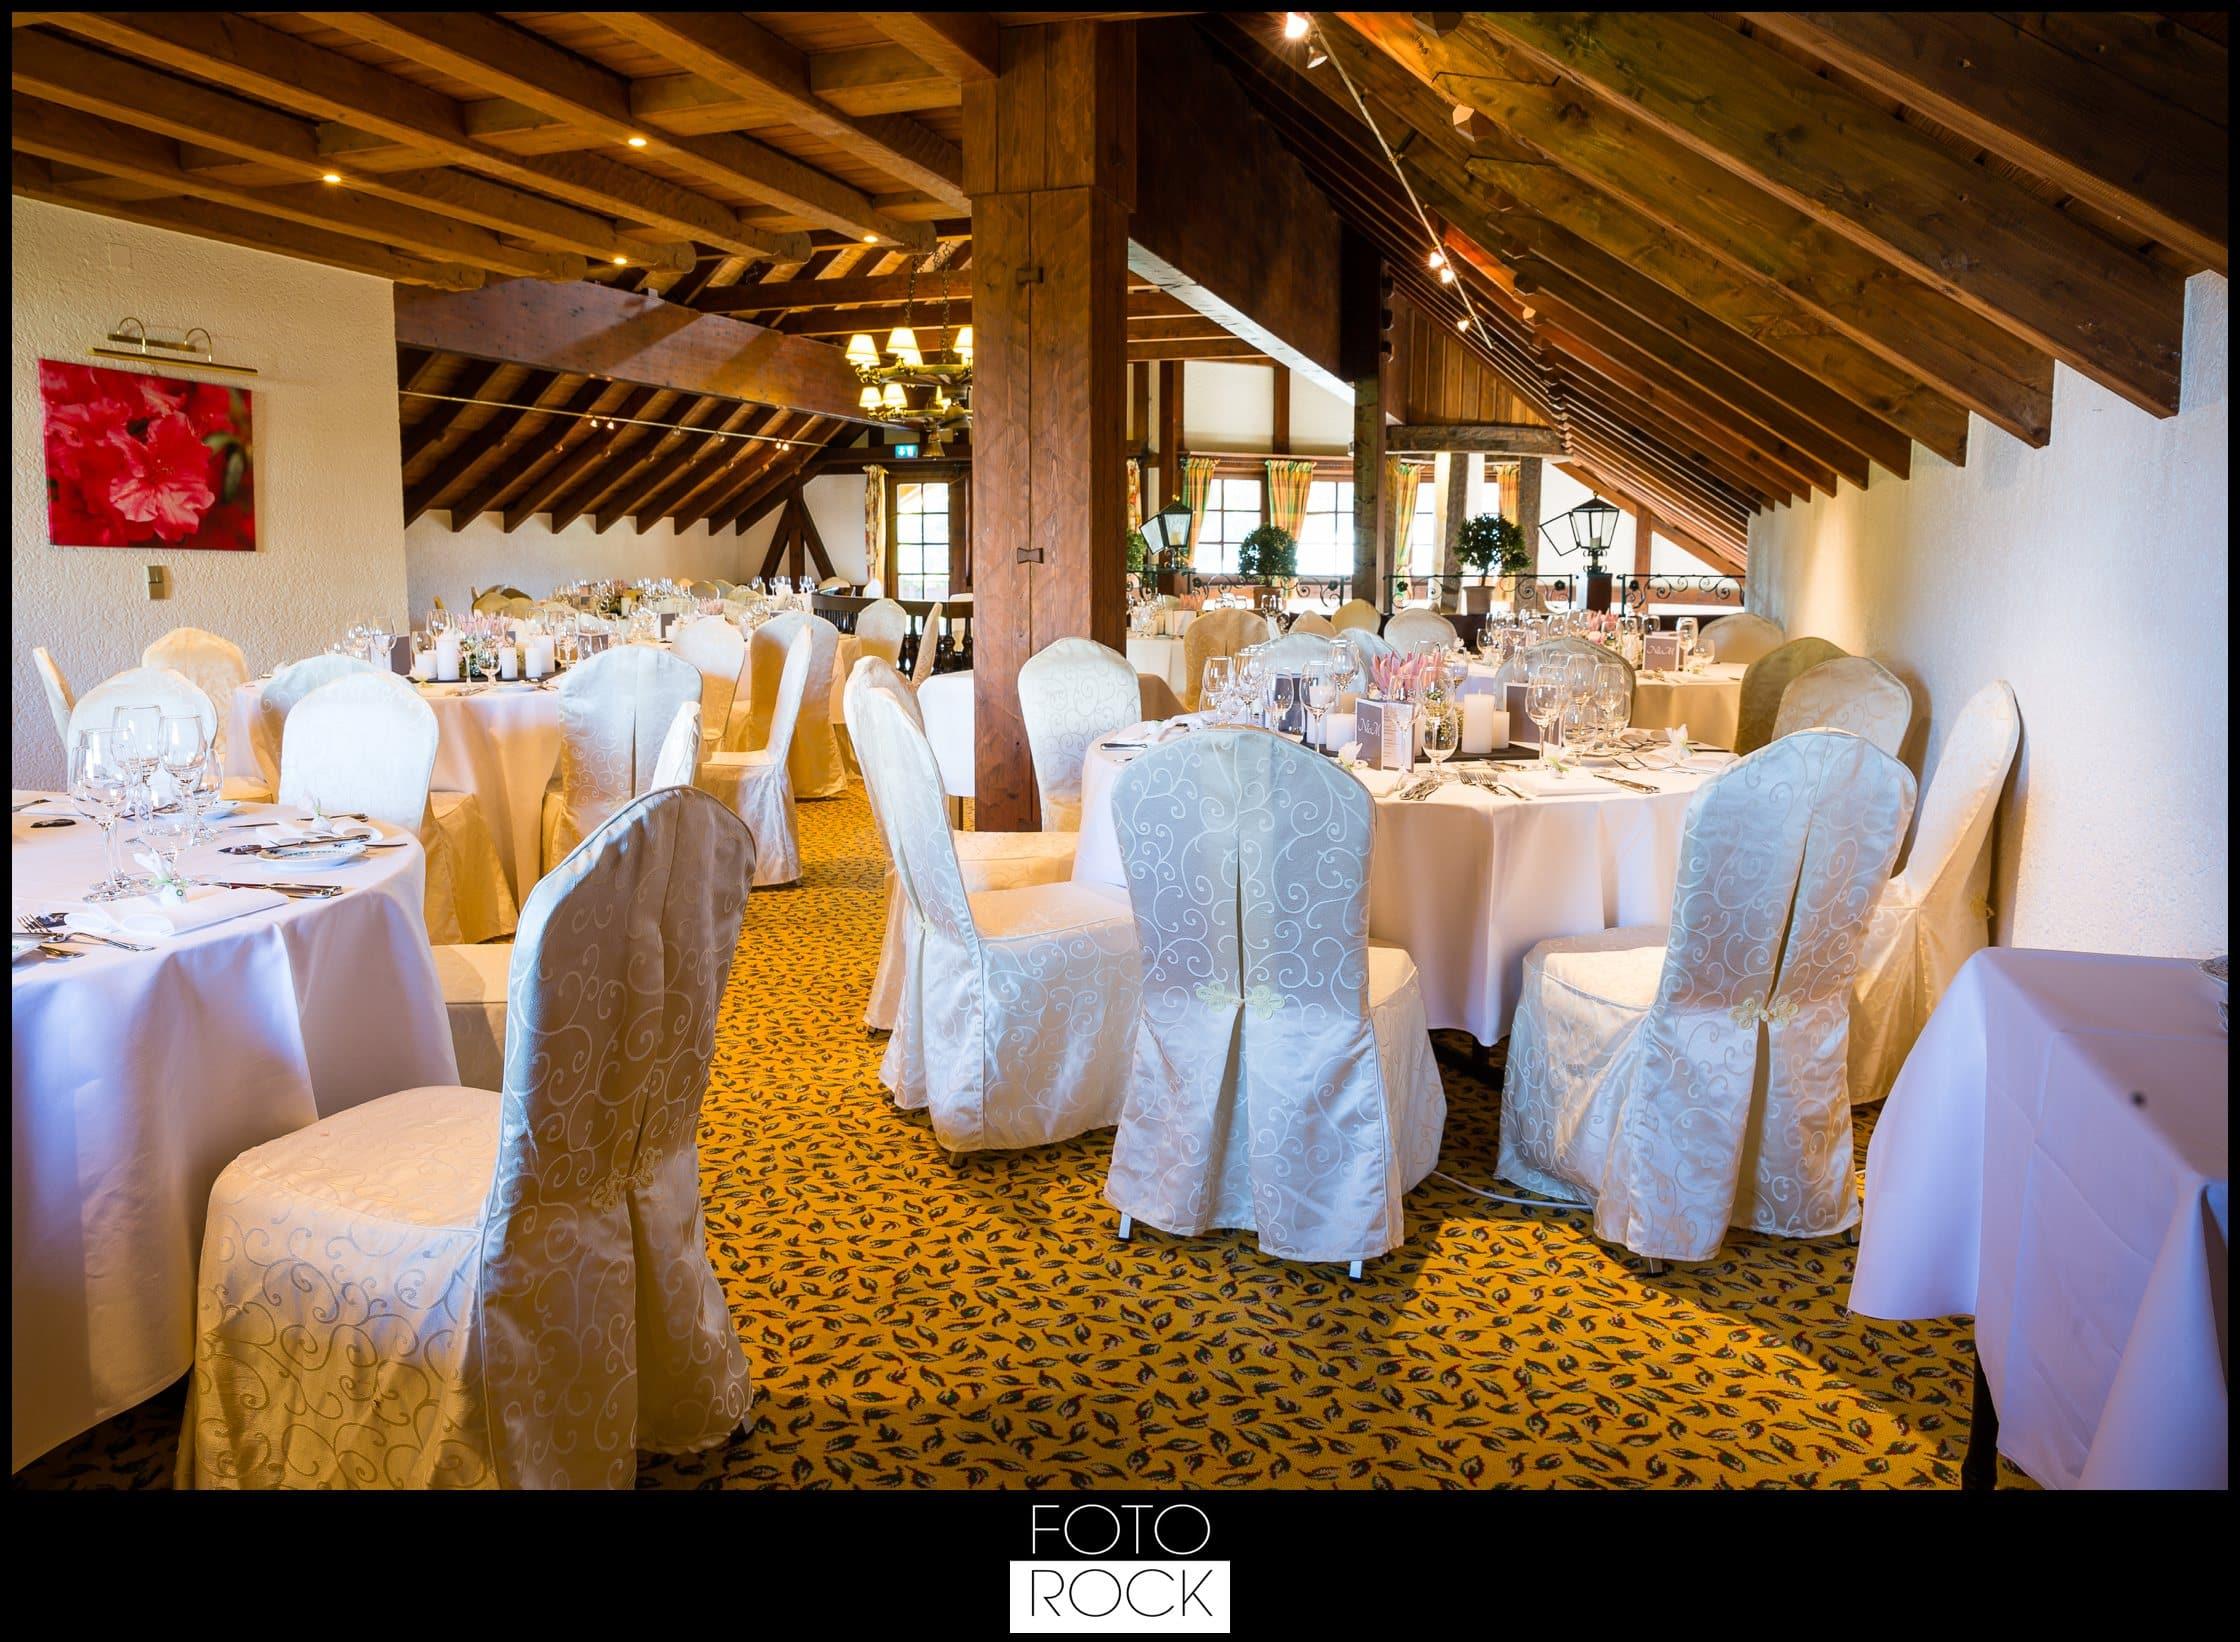 Hochzeit Adler Haeusern location deko dekoration stühle tische kerzen